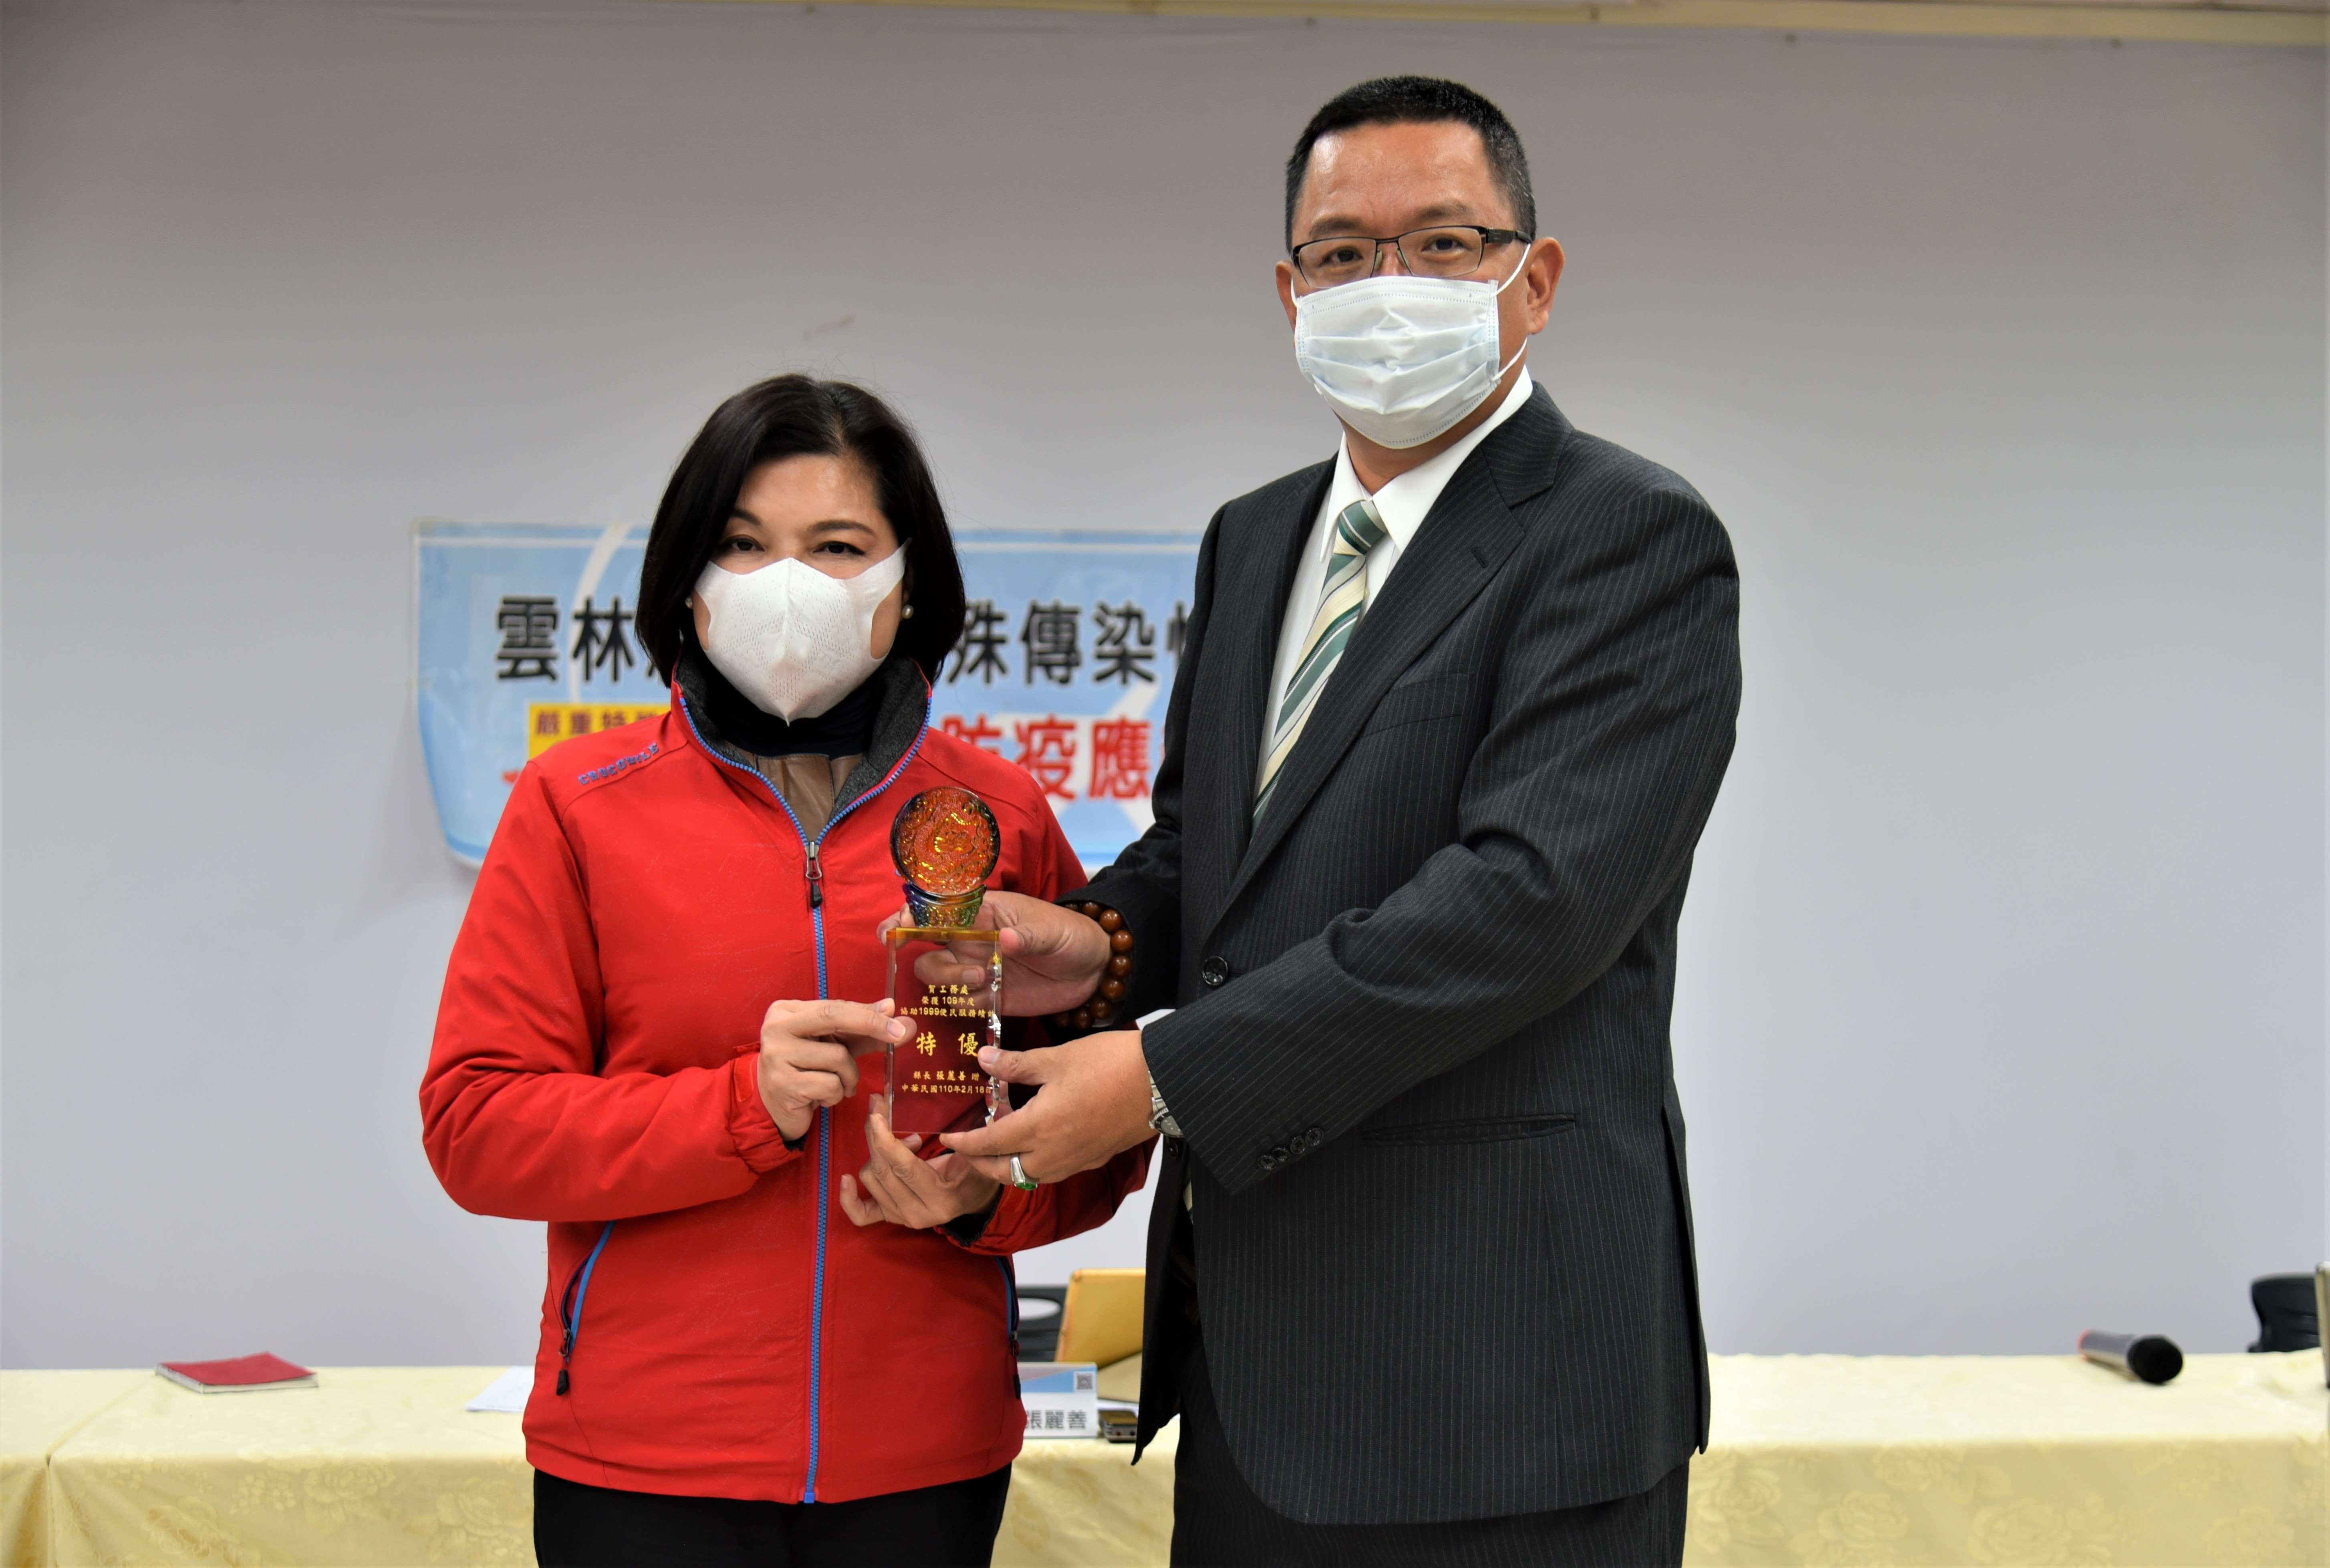 張縣長頒獎表揚工務處積極維護民眾用路安全與權益。